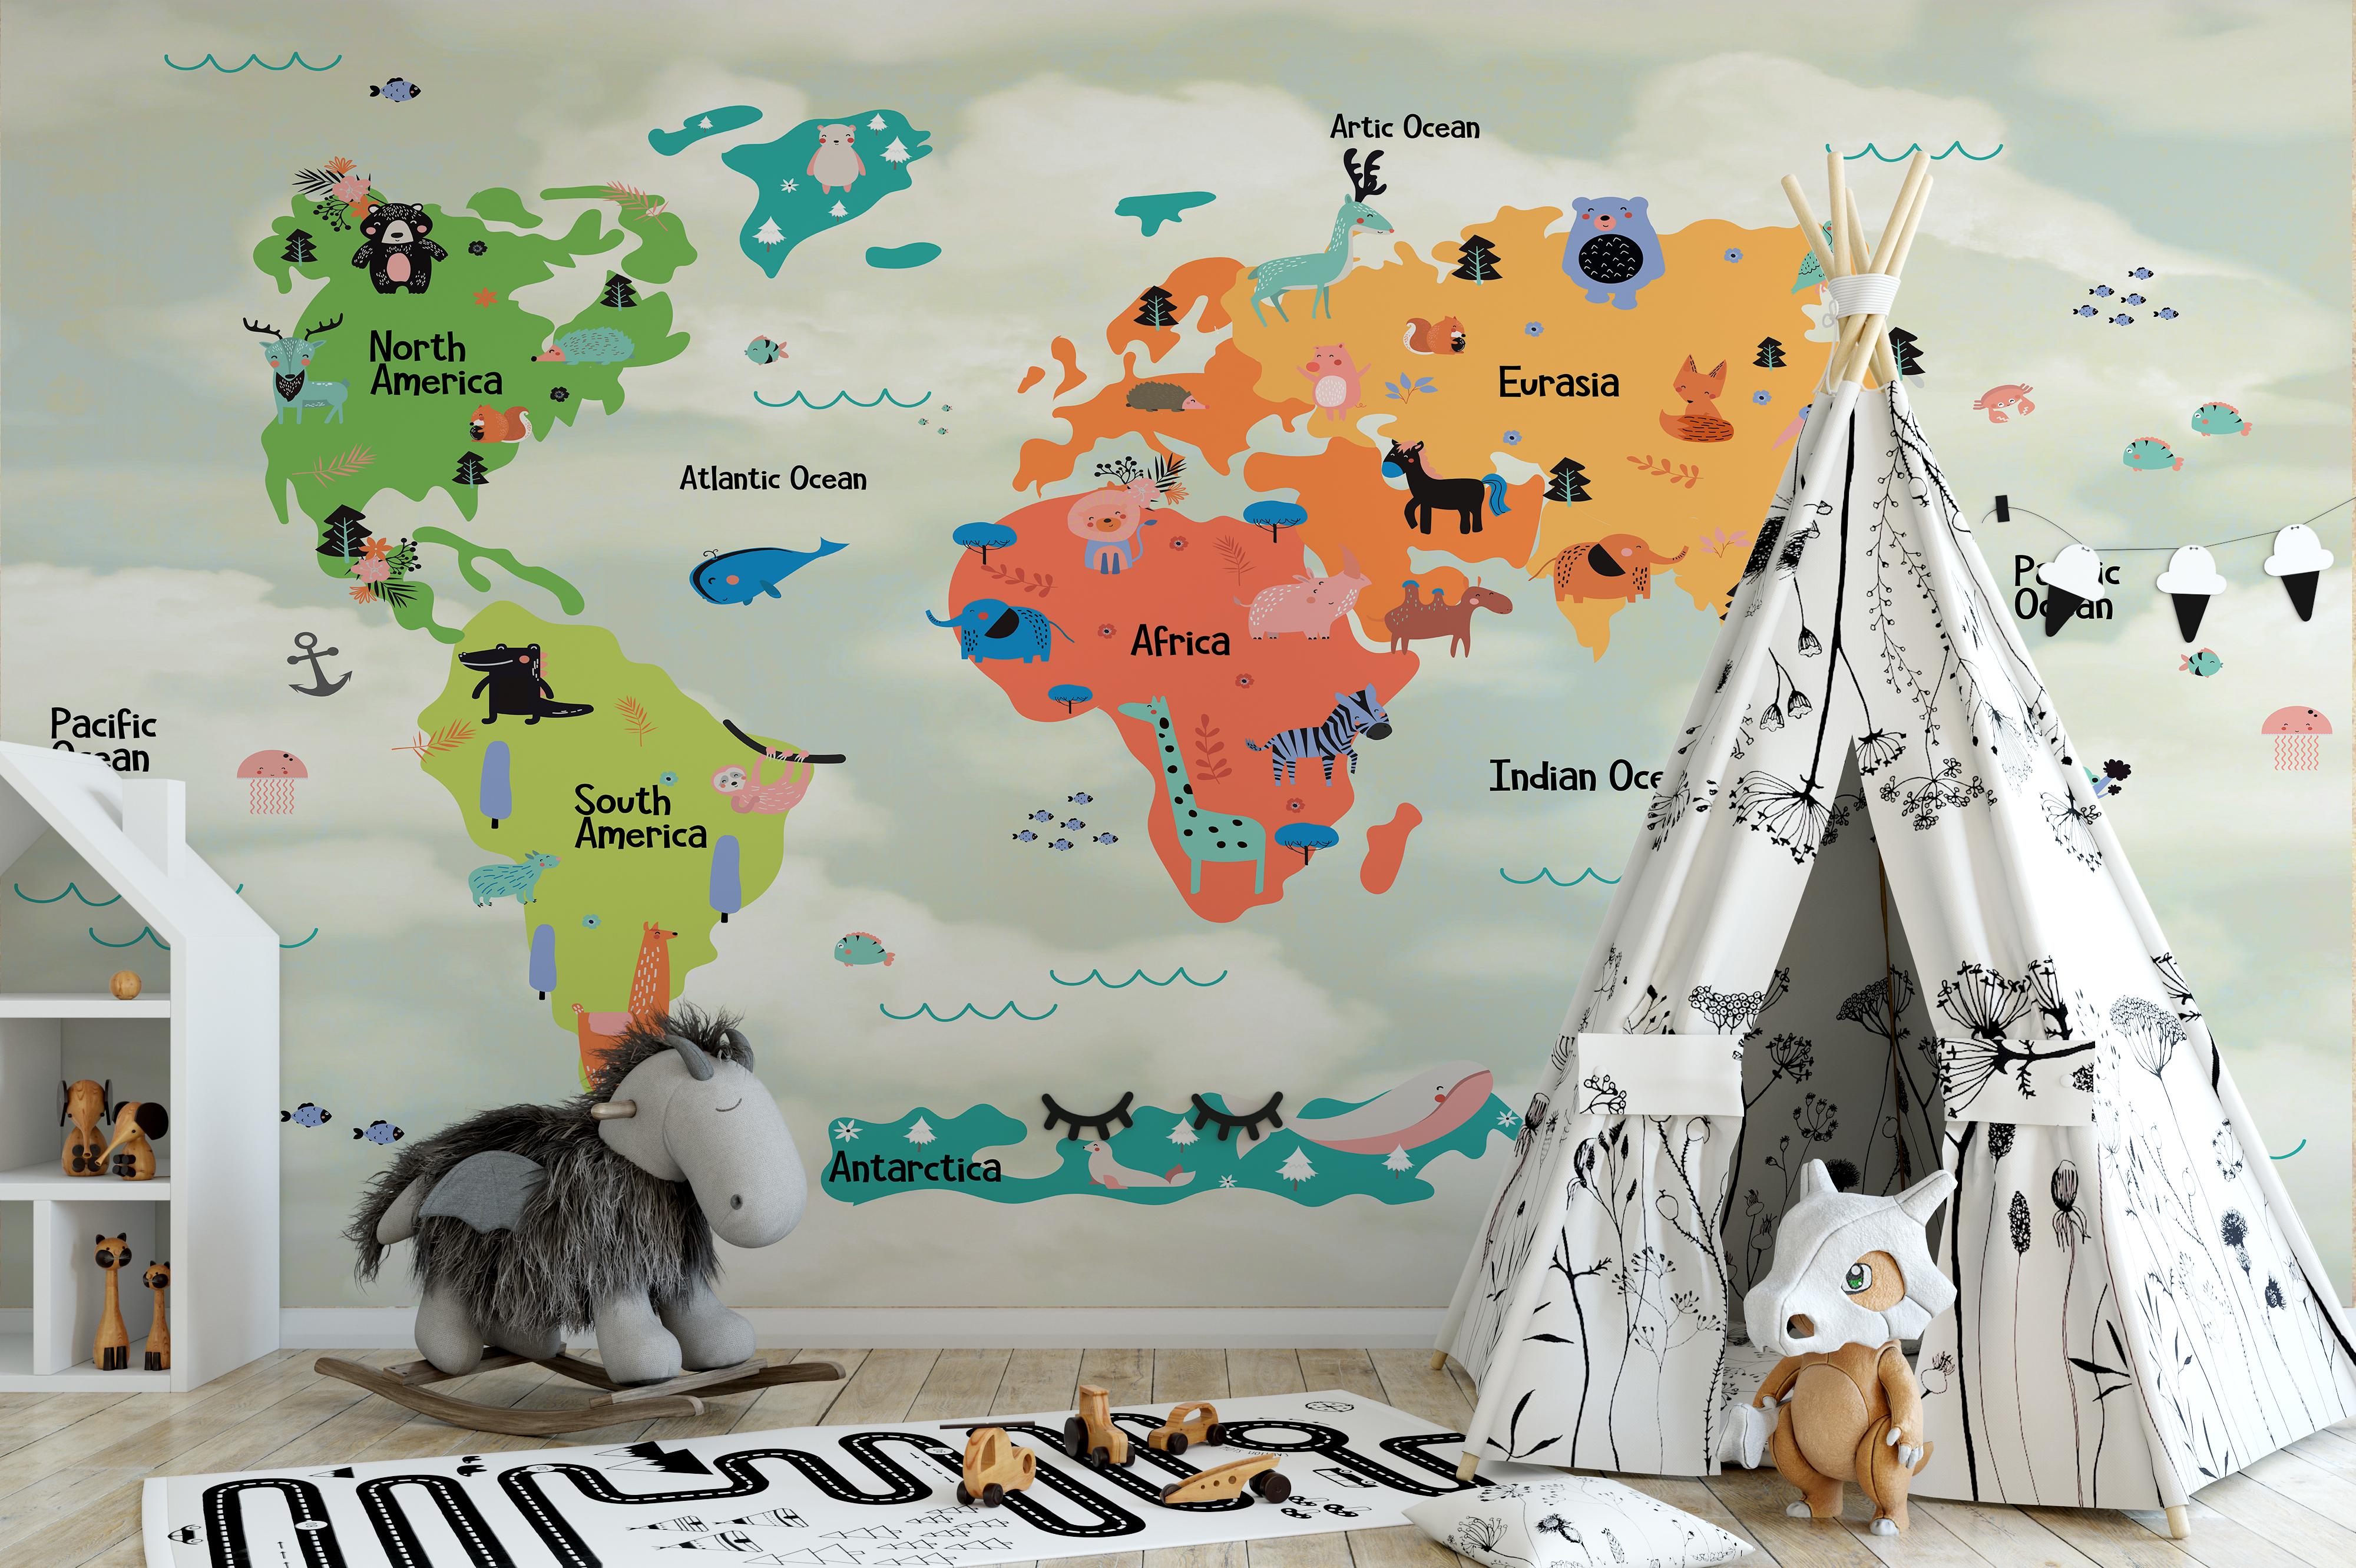 Mapa O Senhor Dos Aneis No Elo7 Aqui Gruda Papel De Parede E8f516